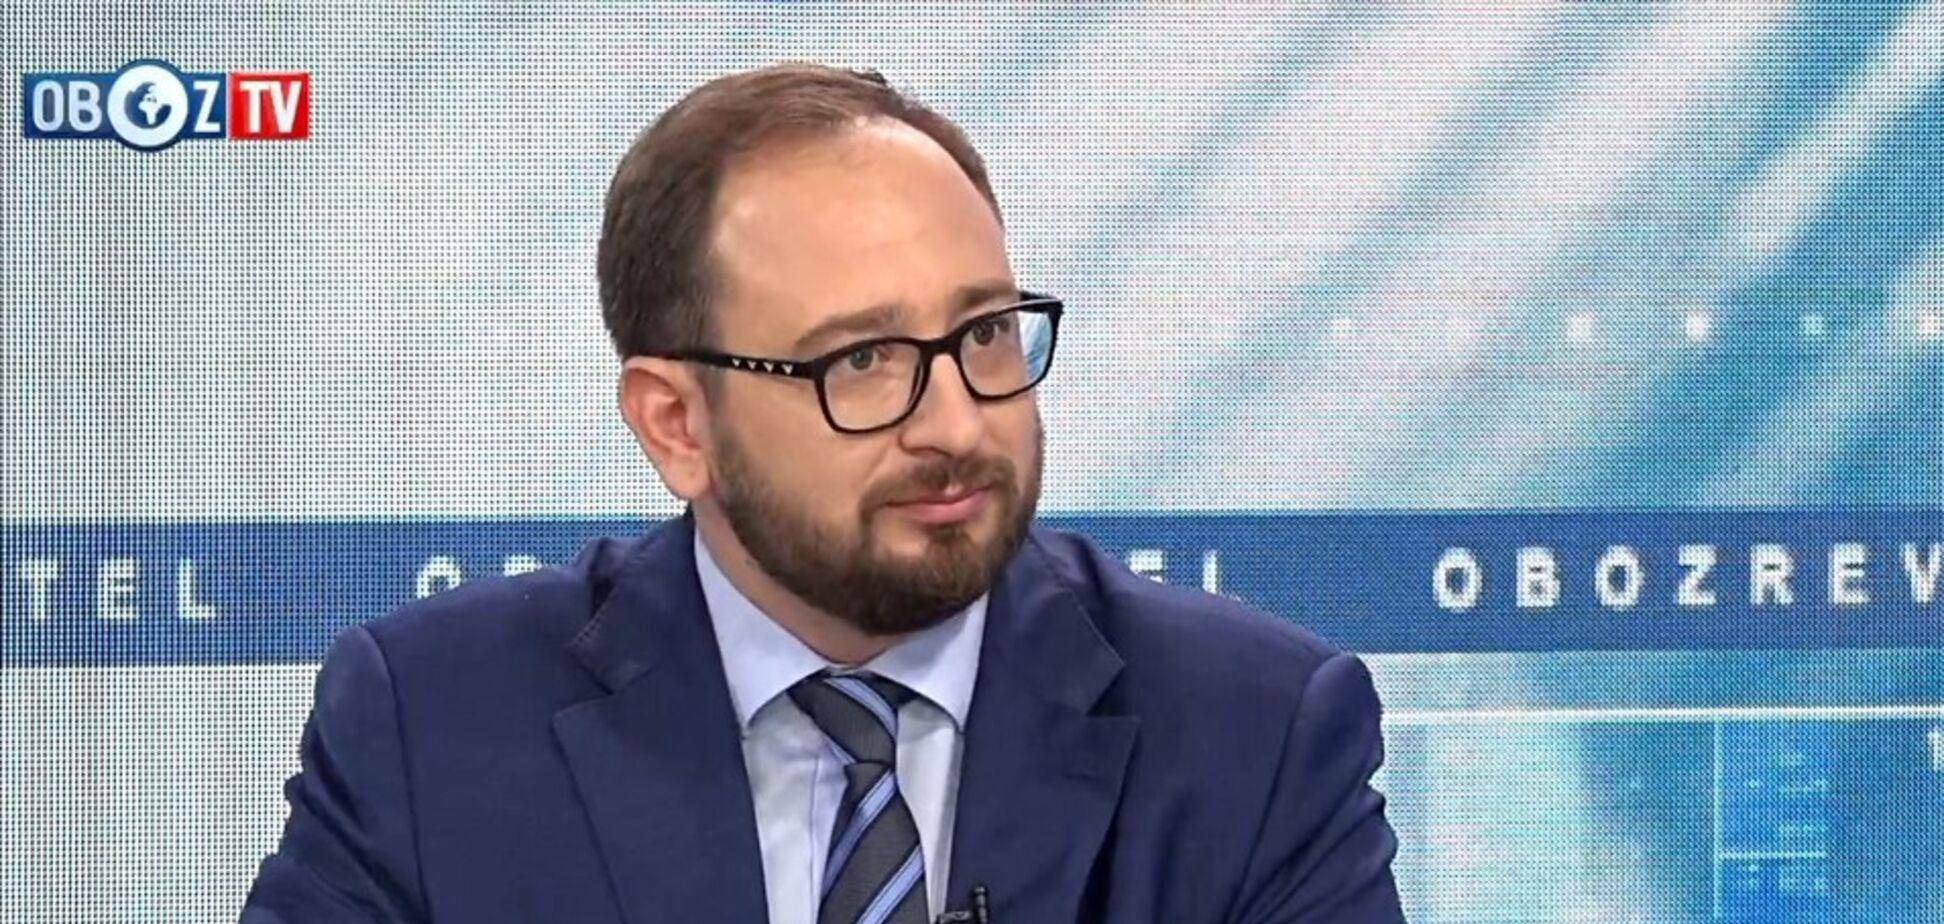 Россия может заочно засудить украинских моряков: адвокат предупредил о 'ловушке' Кремля